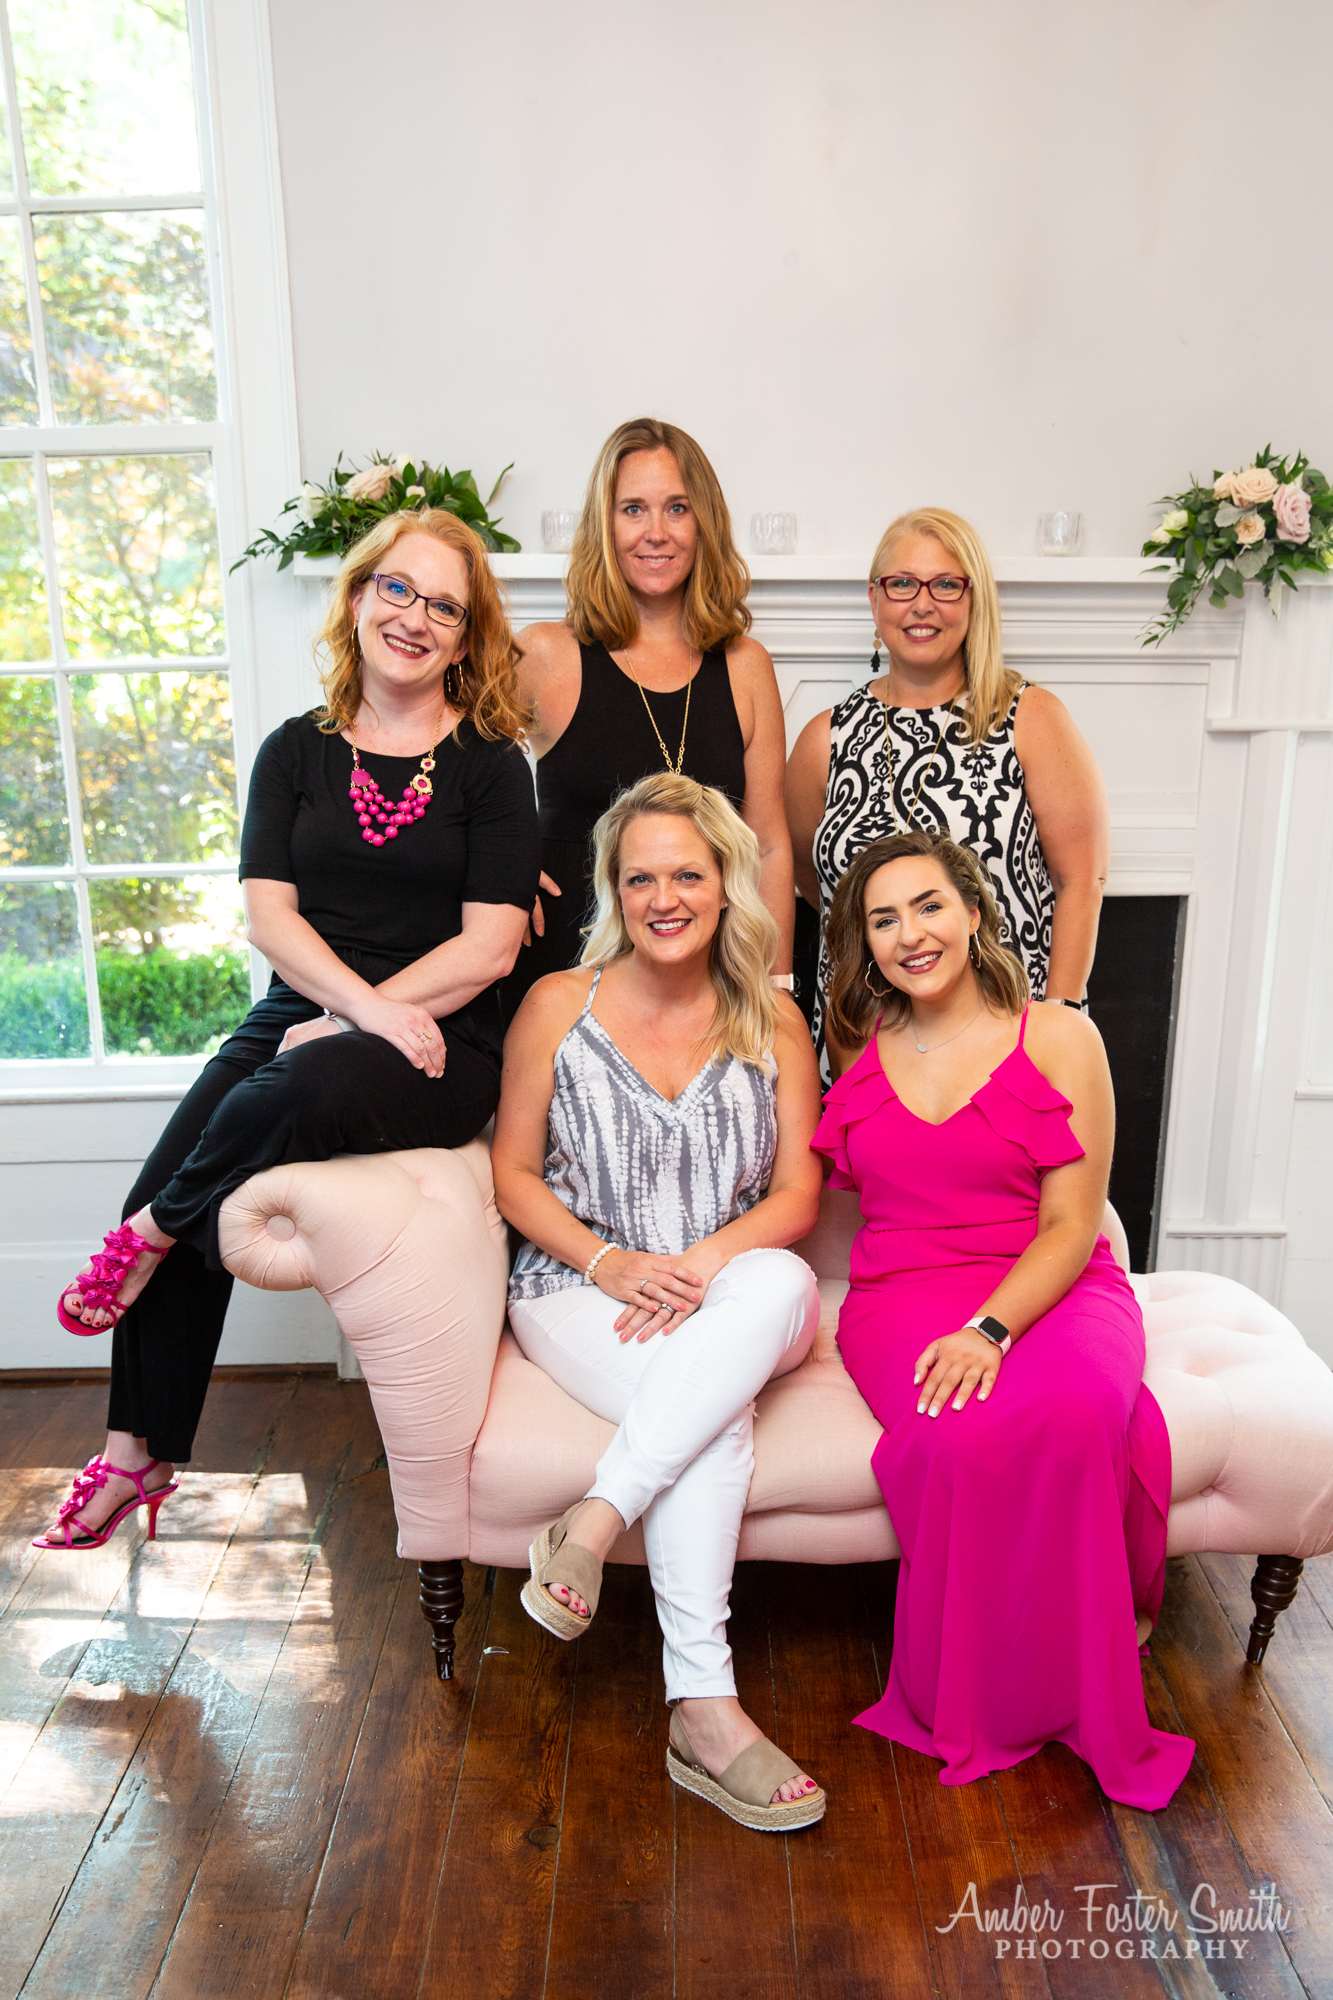 Boutique staff team group portrait